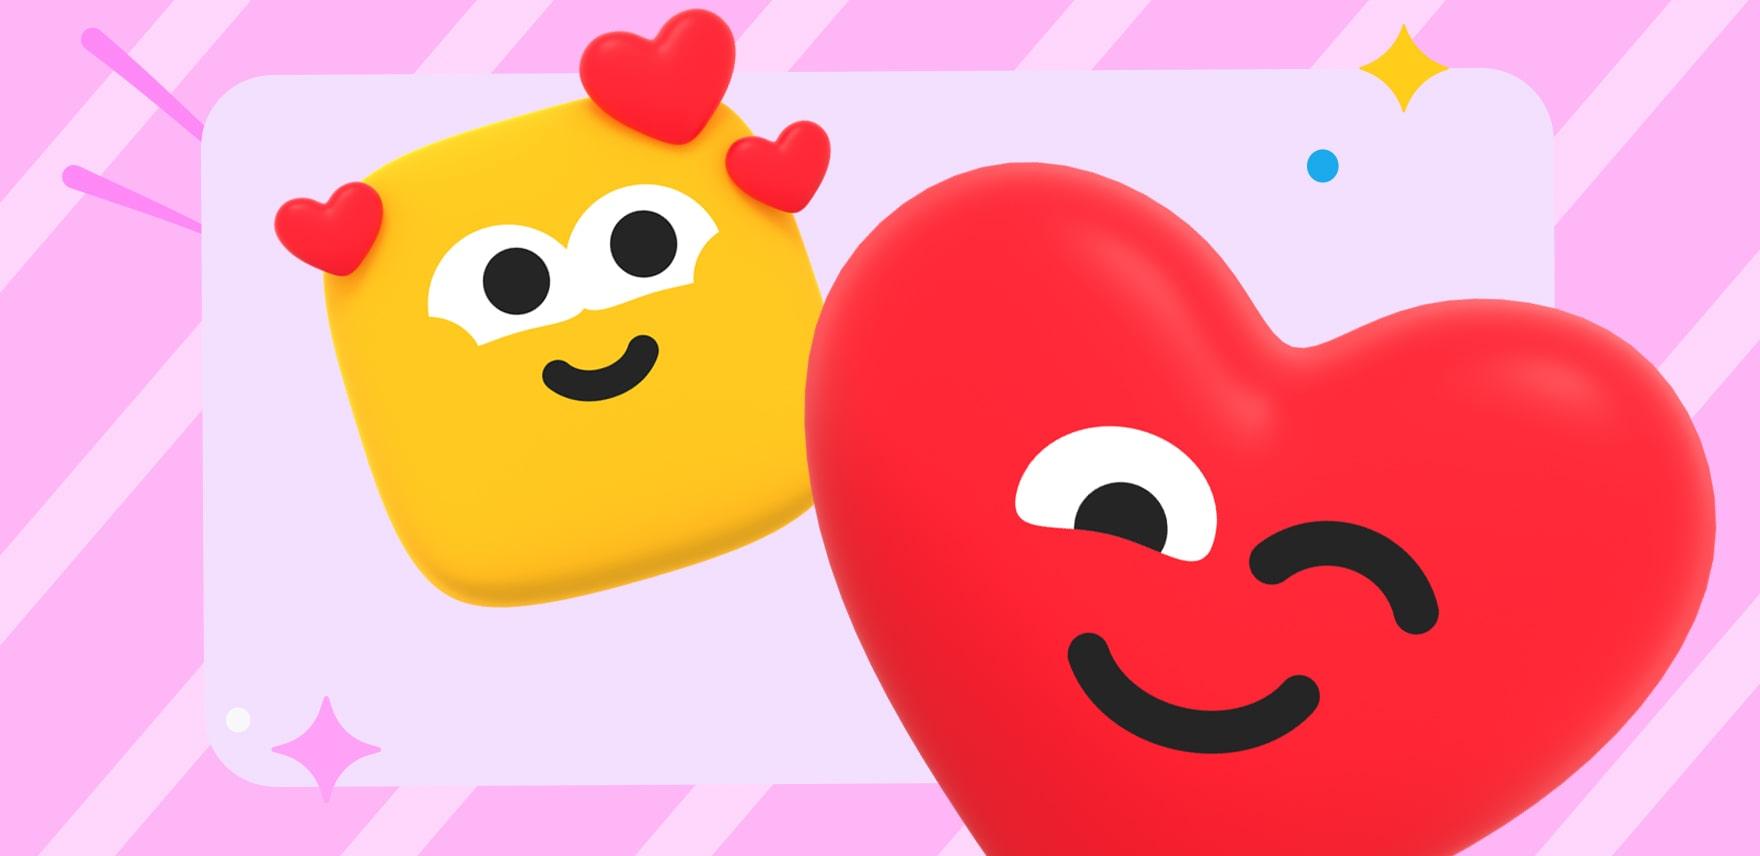 Пользователи Одноклассников смогут отправить друг другу талисманы любви в День святого Валентина